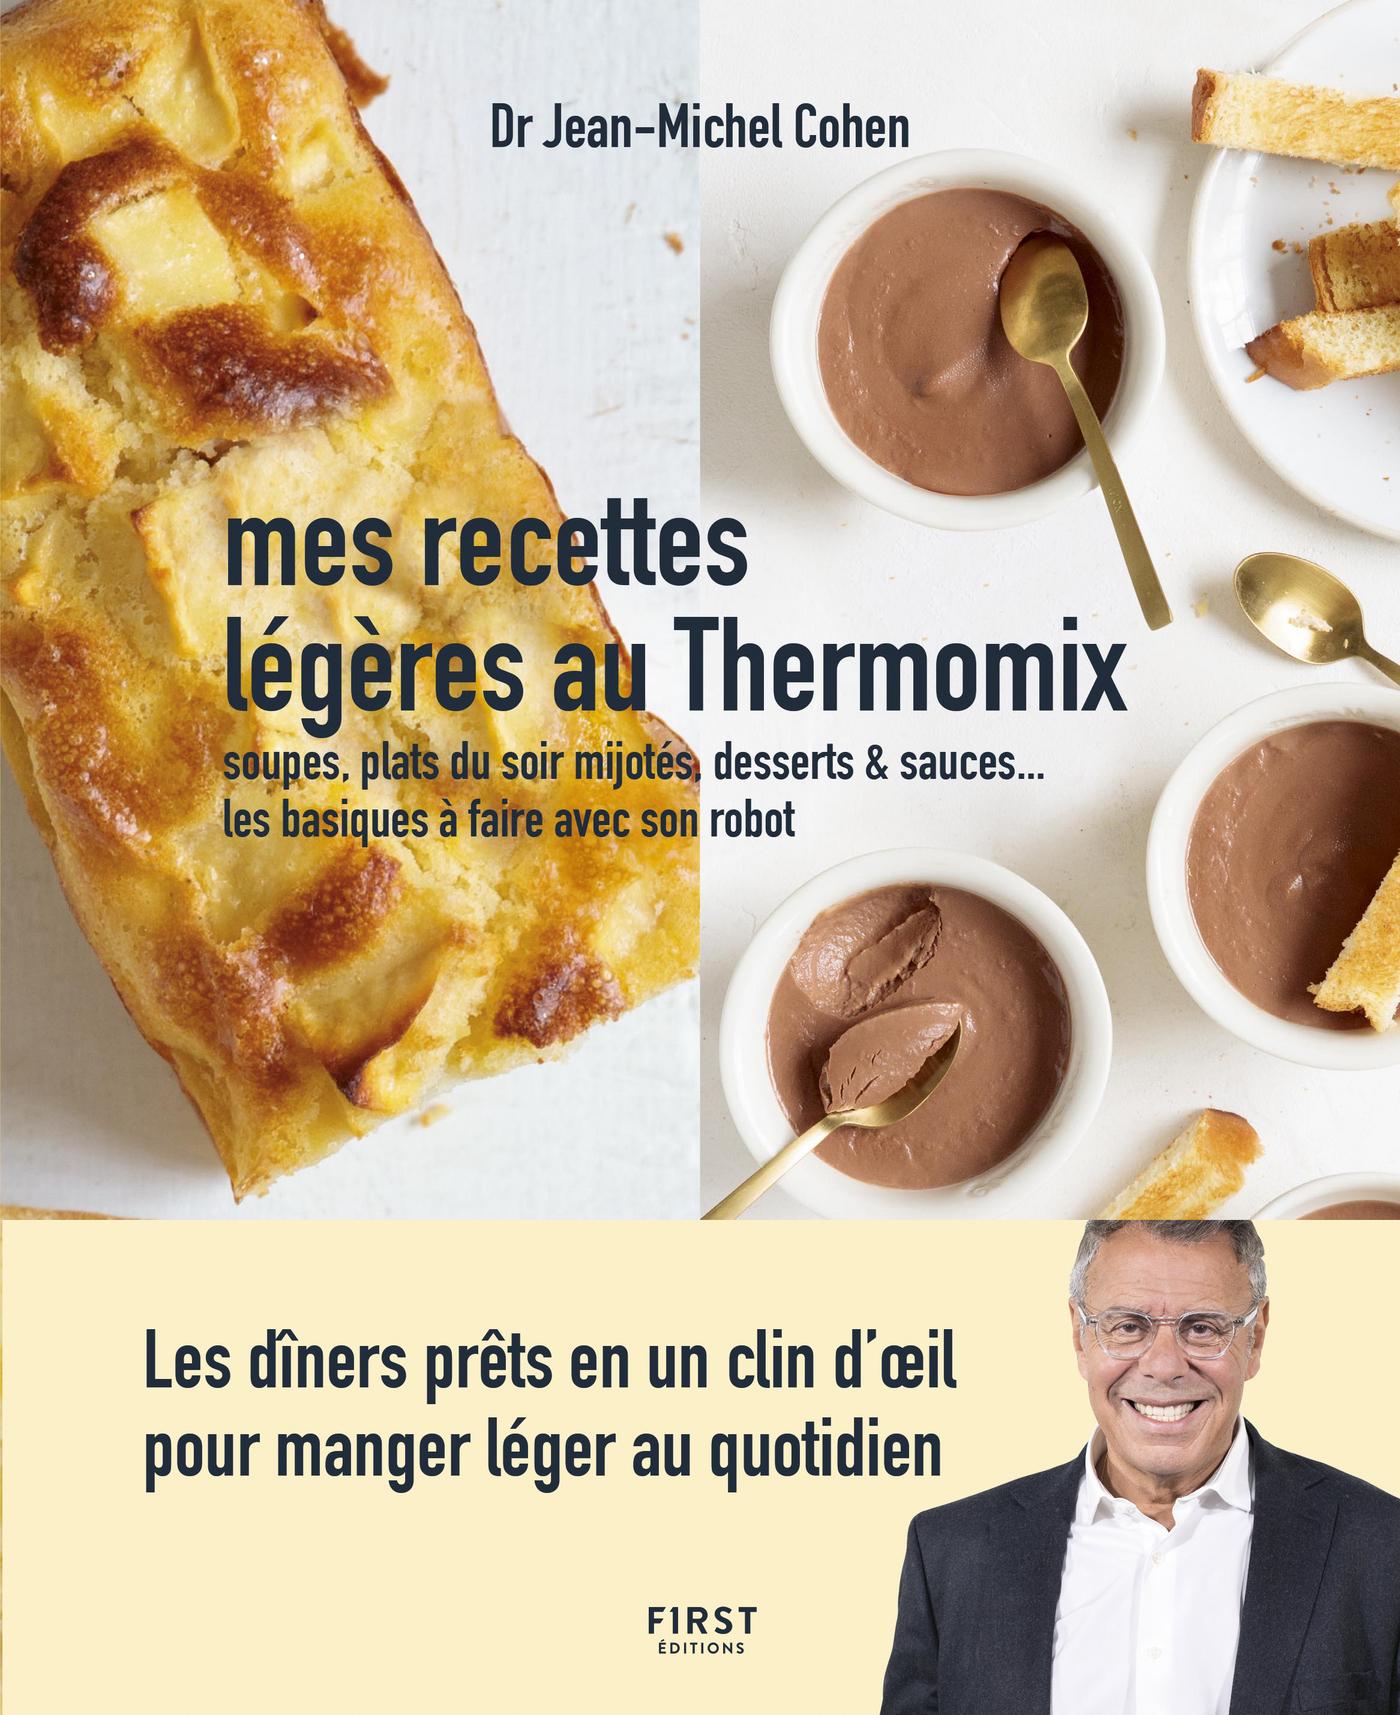 Mes recettes légères au Thermomix - Soupes, plats du soir mijotés, desserts & sauces - Les basiques